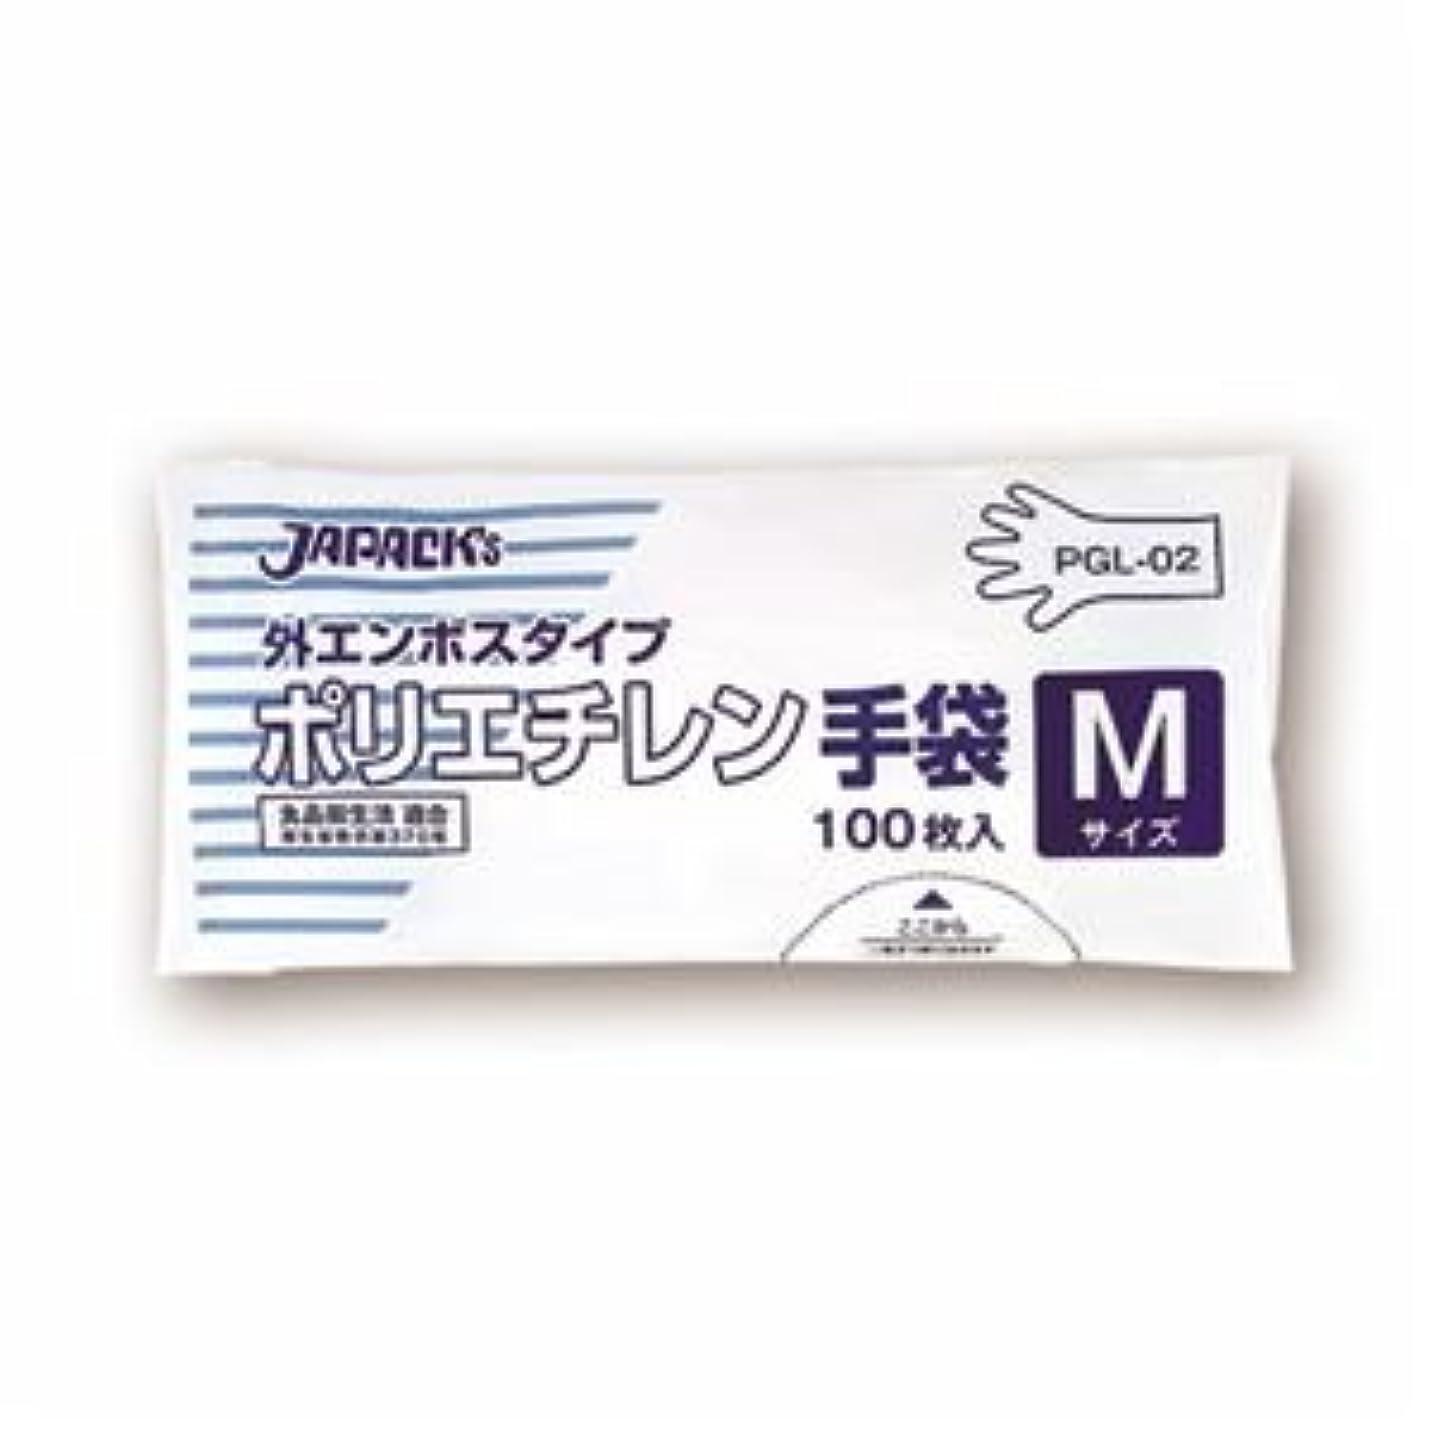 盲目コモランマ火曜日(まとめ) ジャパックス 外エンボスタイプ LDポリエチレン手袋 M PGL-02 1パック(100